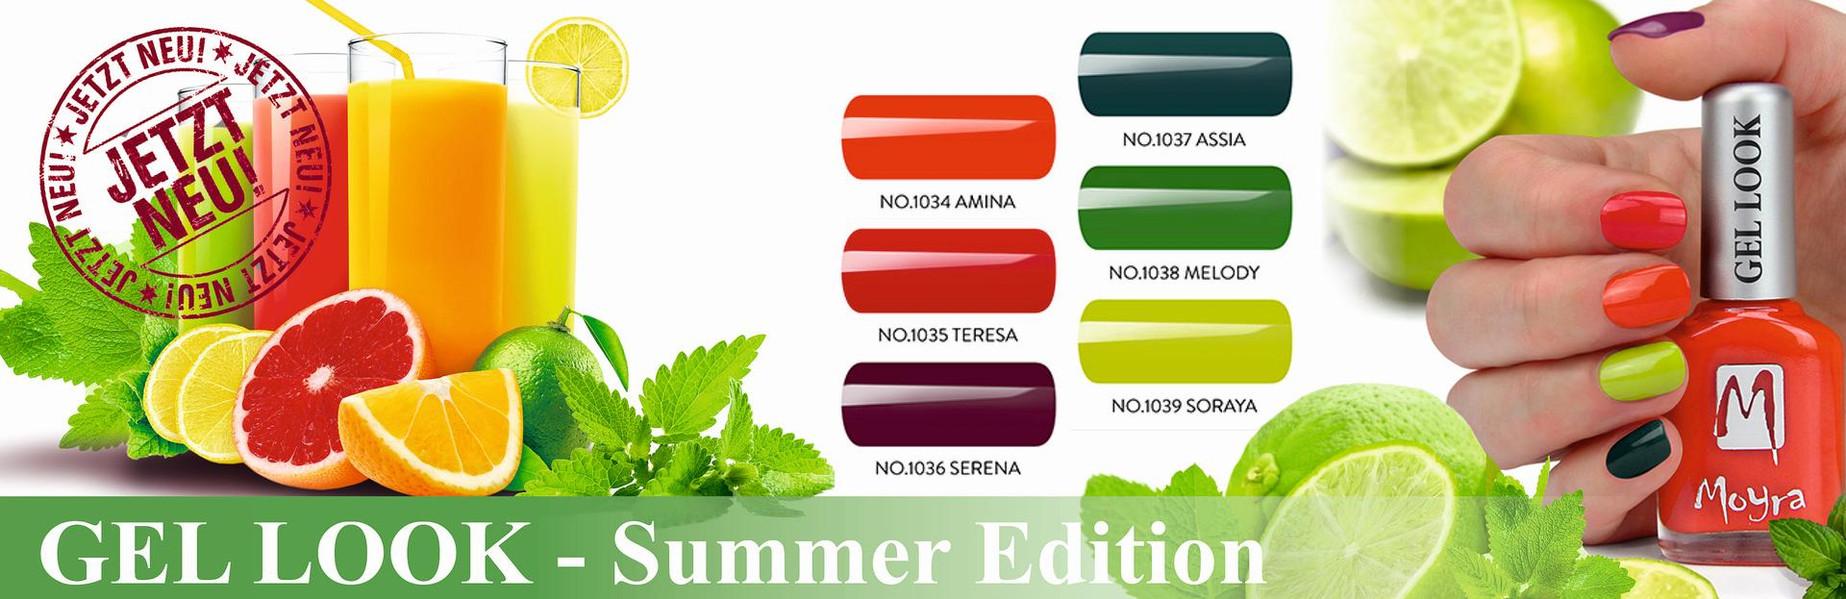 Slider GEL LOOK summer edition_1920x.jpg